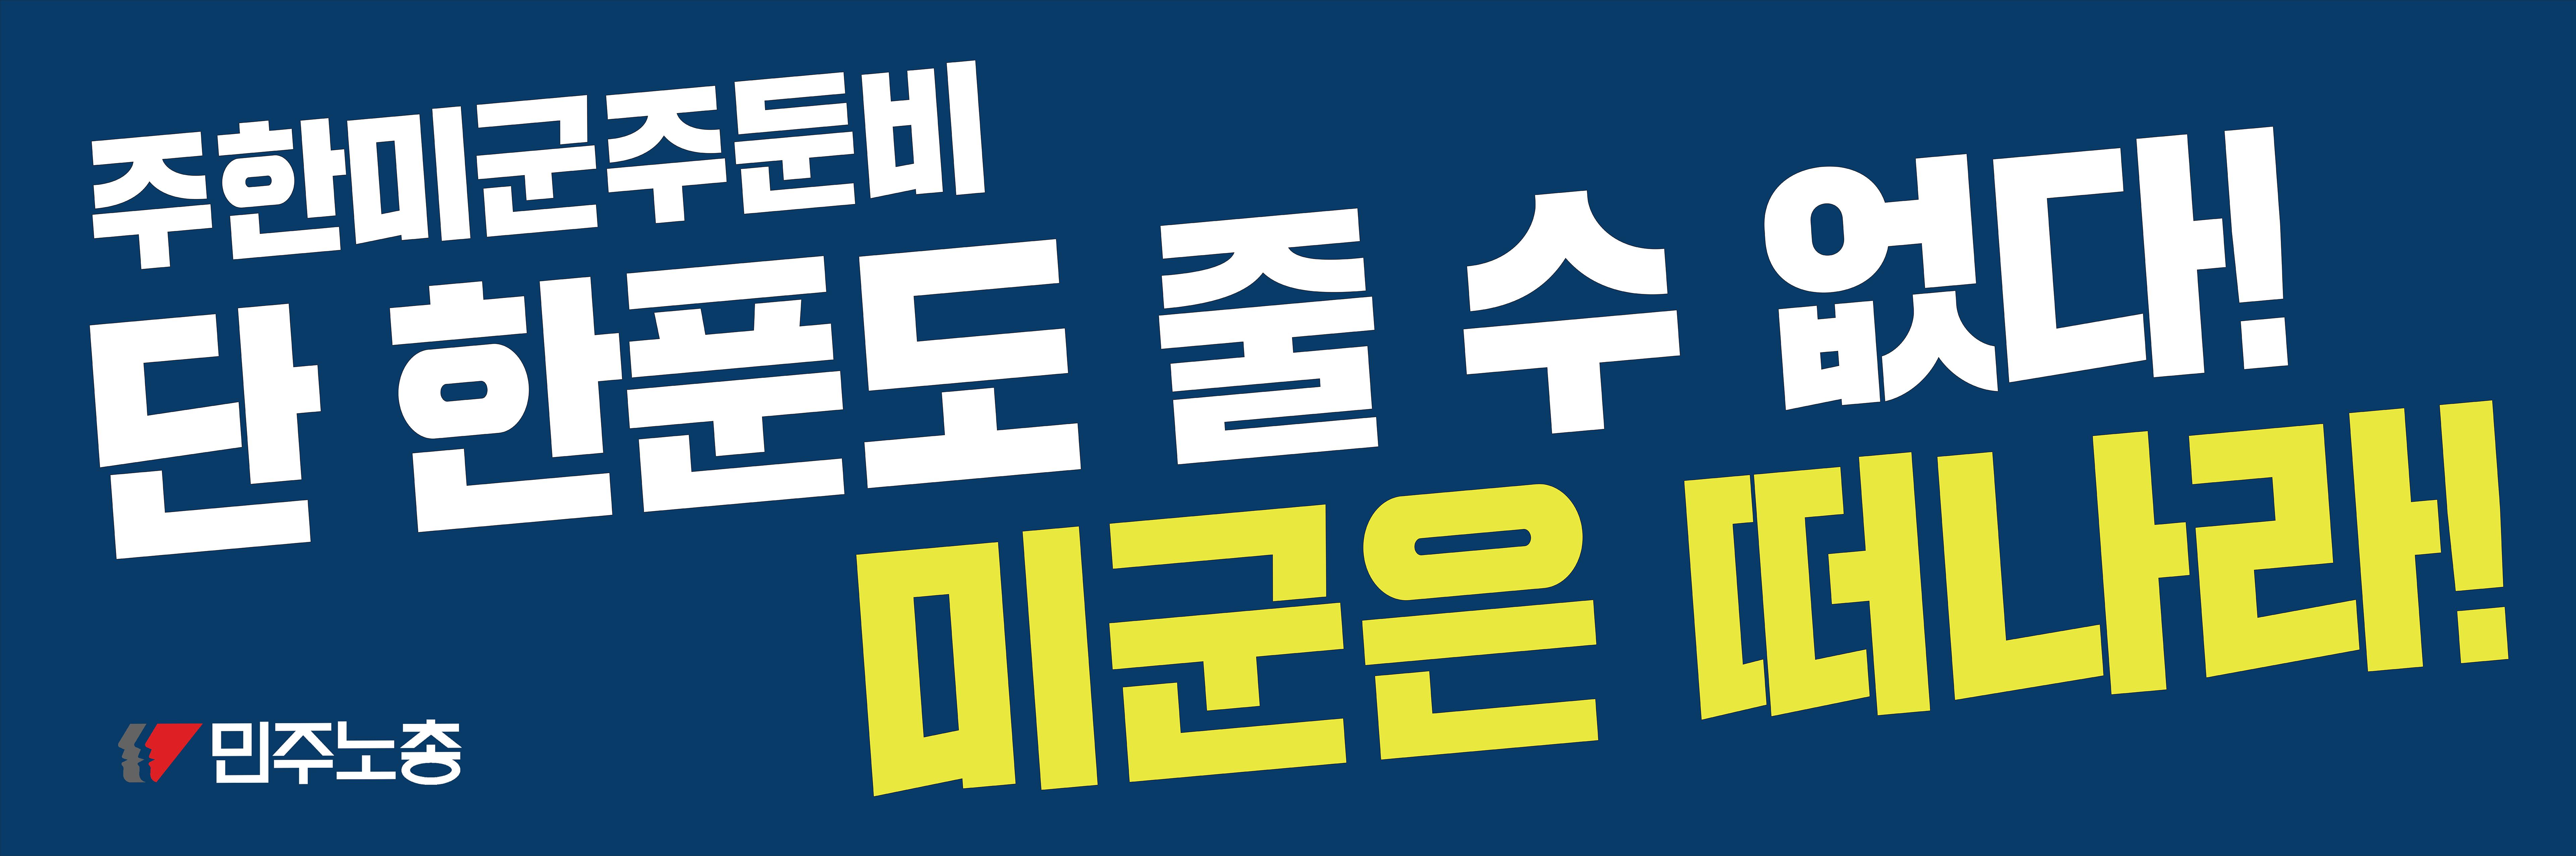 현수막1_300_90 사본 복사.png